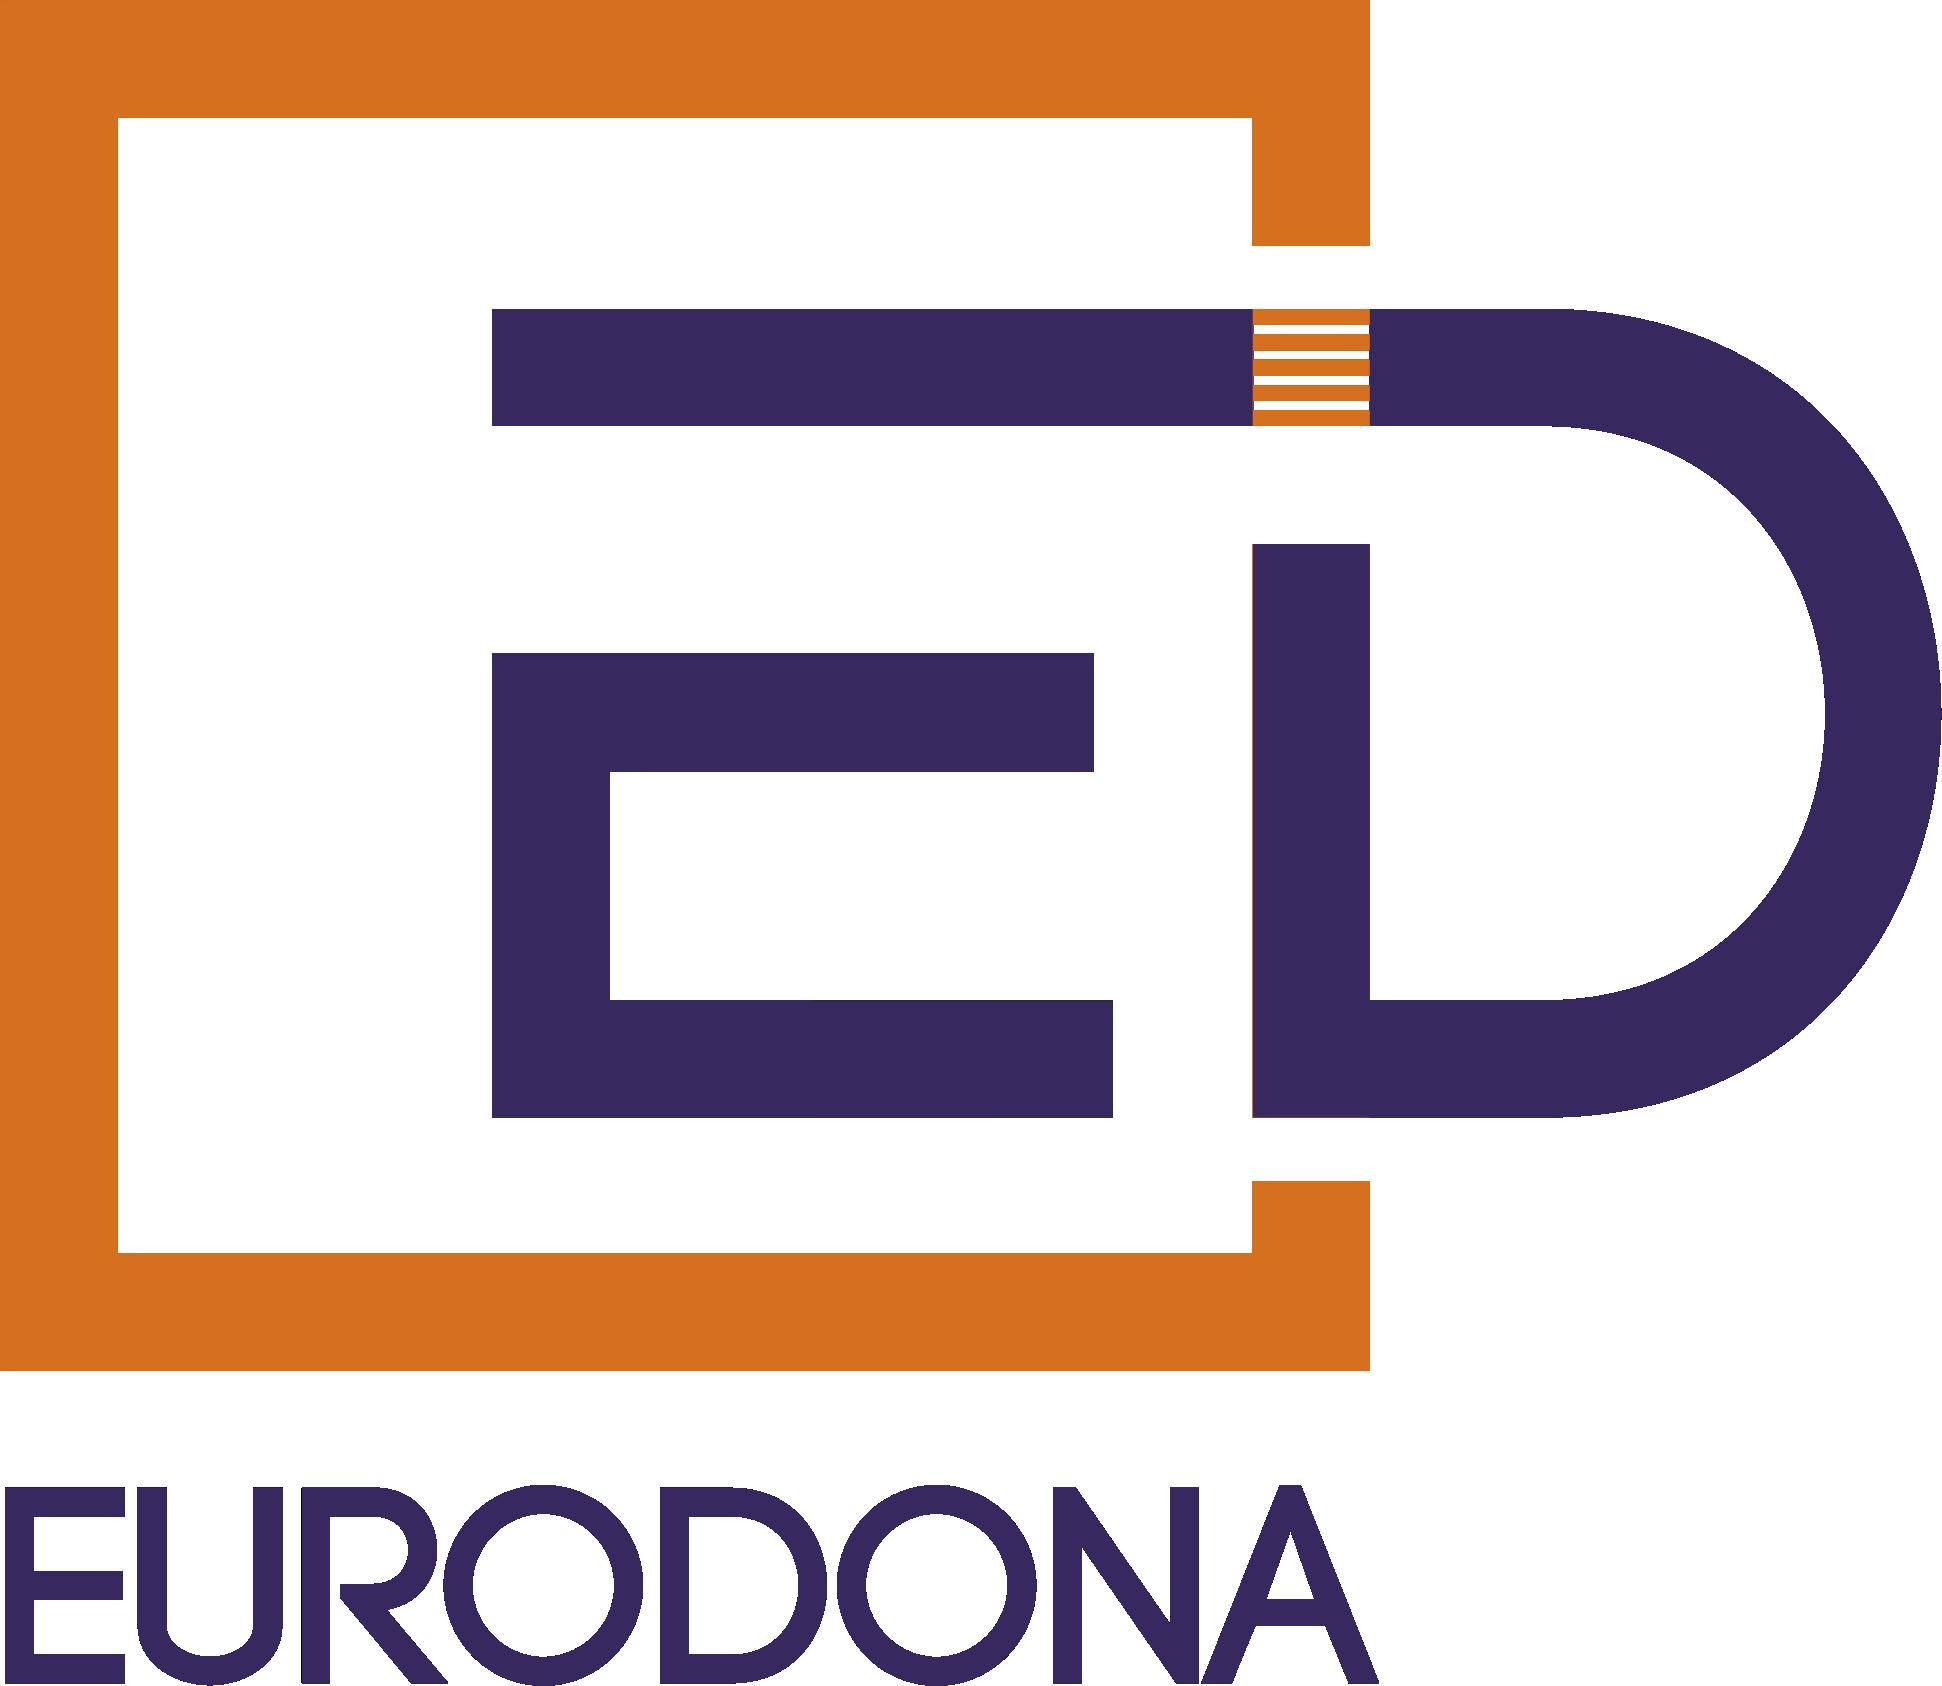 Eurodona.lt